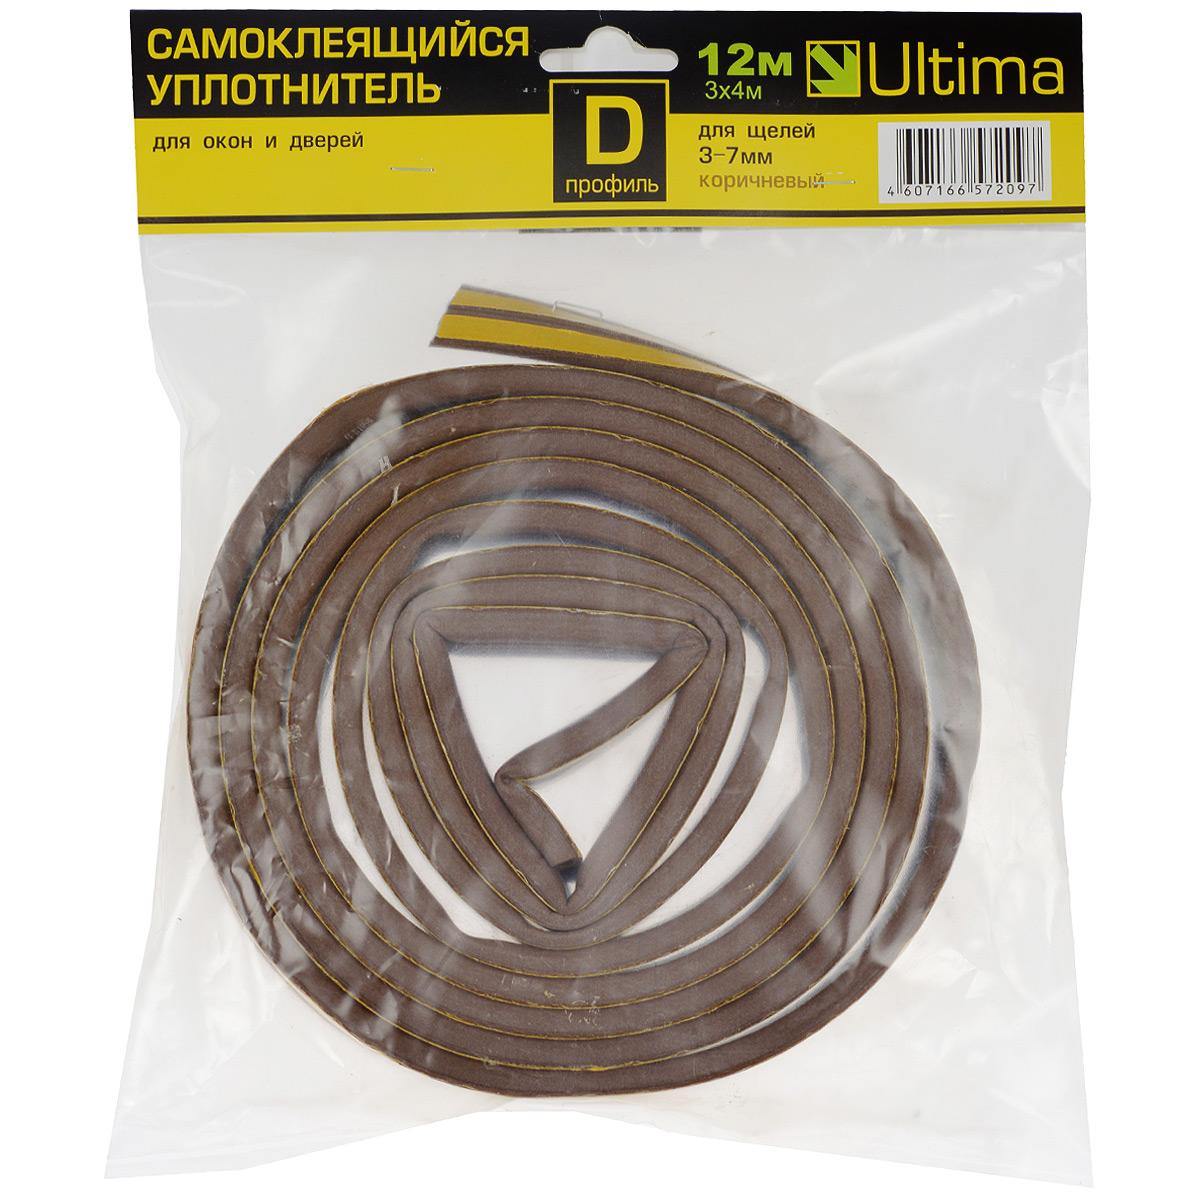 Уплотнитель самоклеящийся Ultima, профиль D, цвет: коричневый, 12 м93937Универсальный уплотнитель Ultima из вспененной резины EPDM, с уже нанесенным клеящим составом. Предназначен для уплотнения зазоров 3-7 мм в рамах окон и дверей, с целью предотвращения подсосов воздуха, пыли и защиты от шума. Образующаяся воздушная камера обеспечивает дополнительную шумо- и теплоизоляцию. Клеящий слой защищен от высыхания и смазывания бумажной лентой. При удалении не повреждает окрашенную поверхность. Хорошая адгезия клеящего слоя. Профиль D.